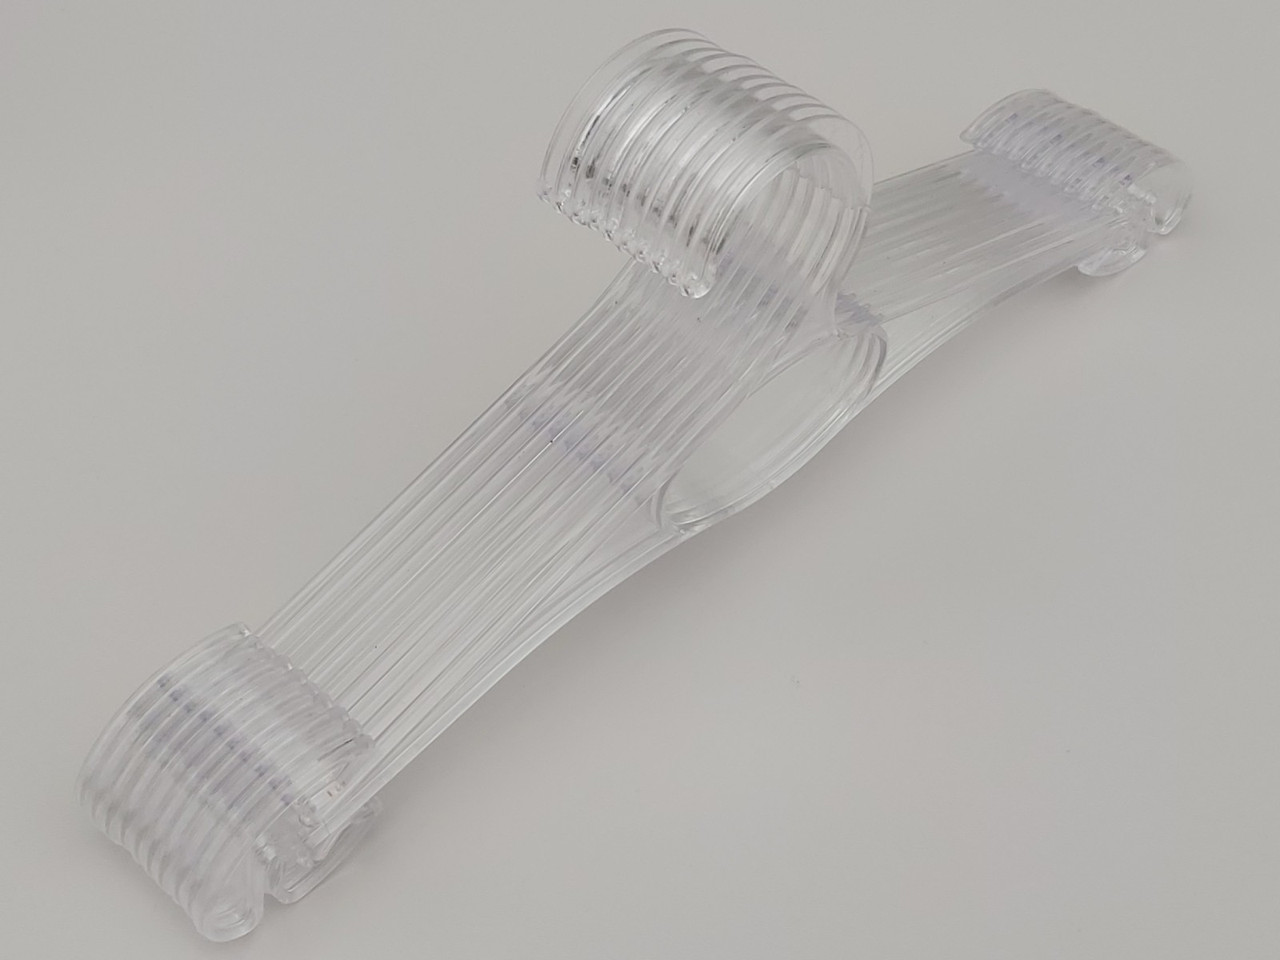 Плічка вішалки пластмасові для спідньої білизни V-N30ps прозорі, 30 см, 10 штук в упаковці